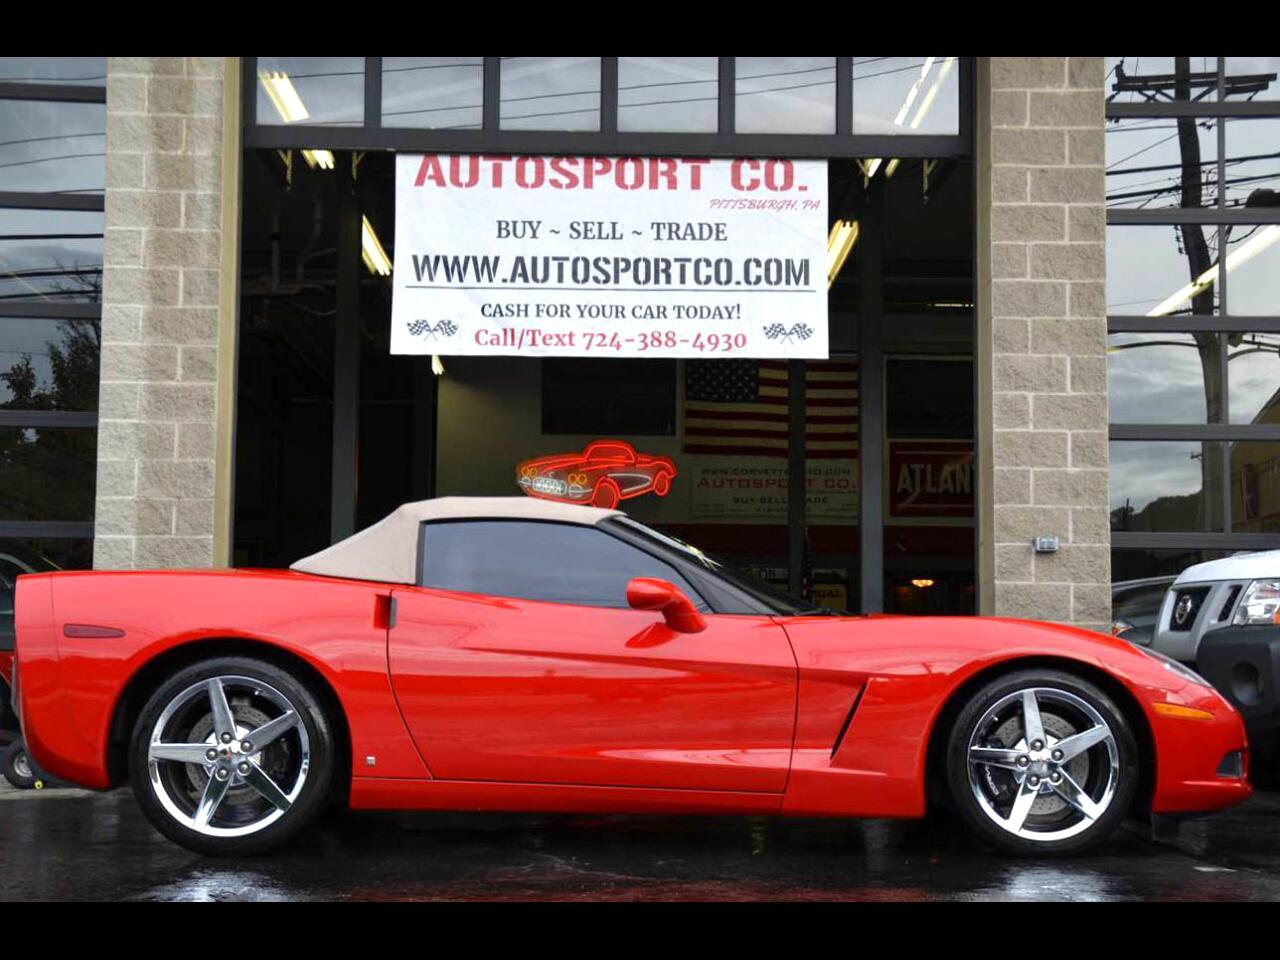 2008 Chevrolet Corvette Convertible LT3 Z51 Pkg.